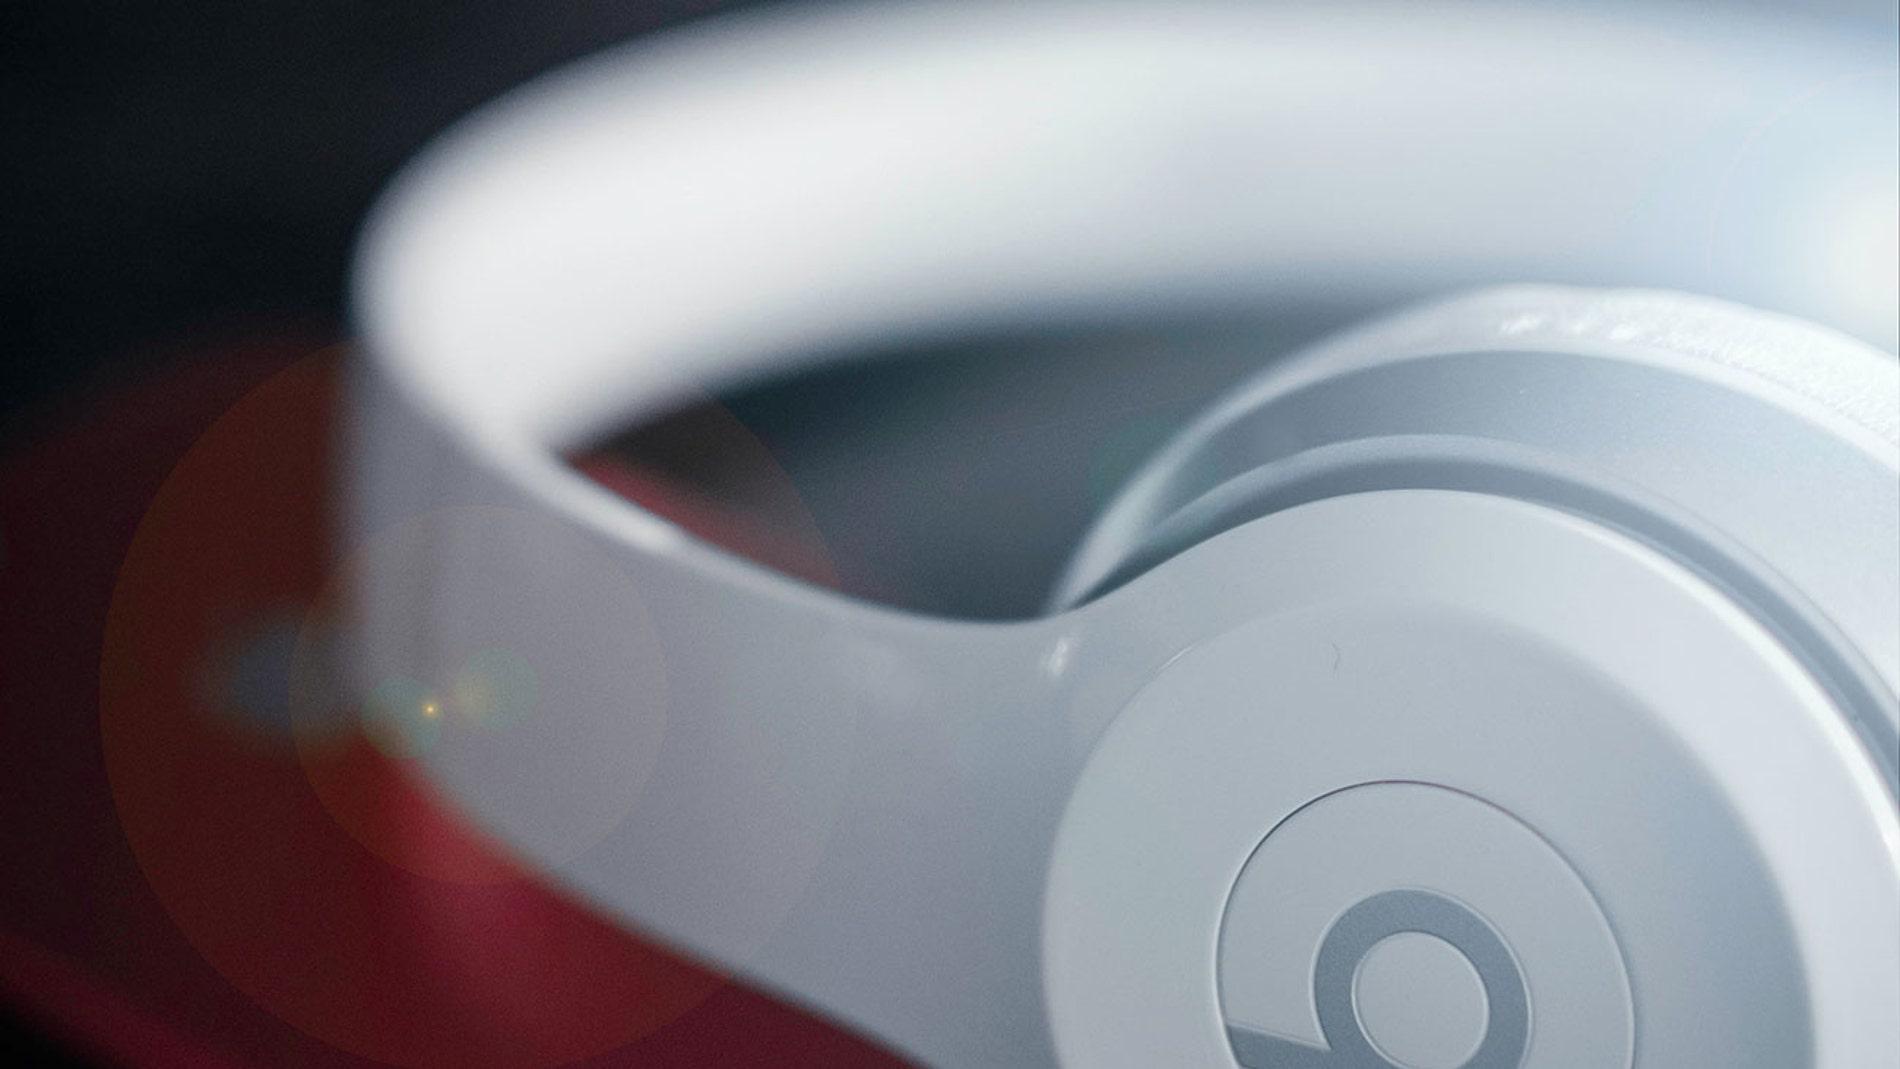 Auriculares de diadema Beats, propiedad de Apple